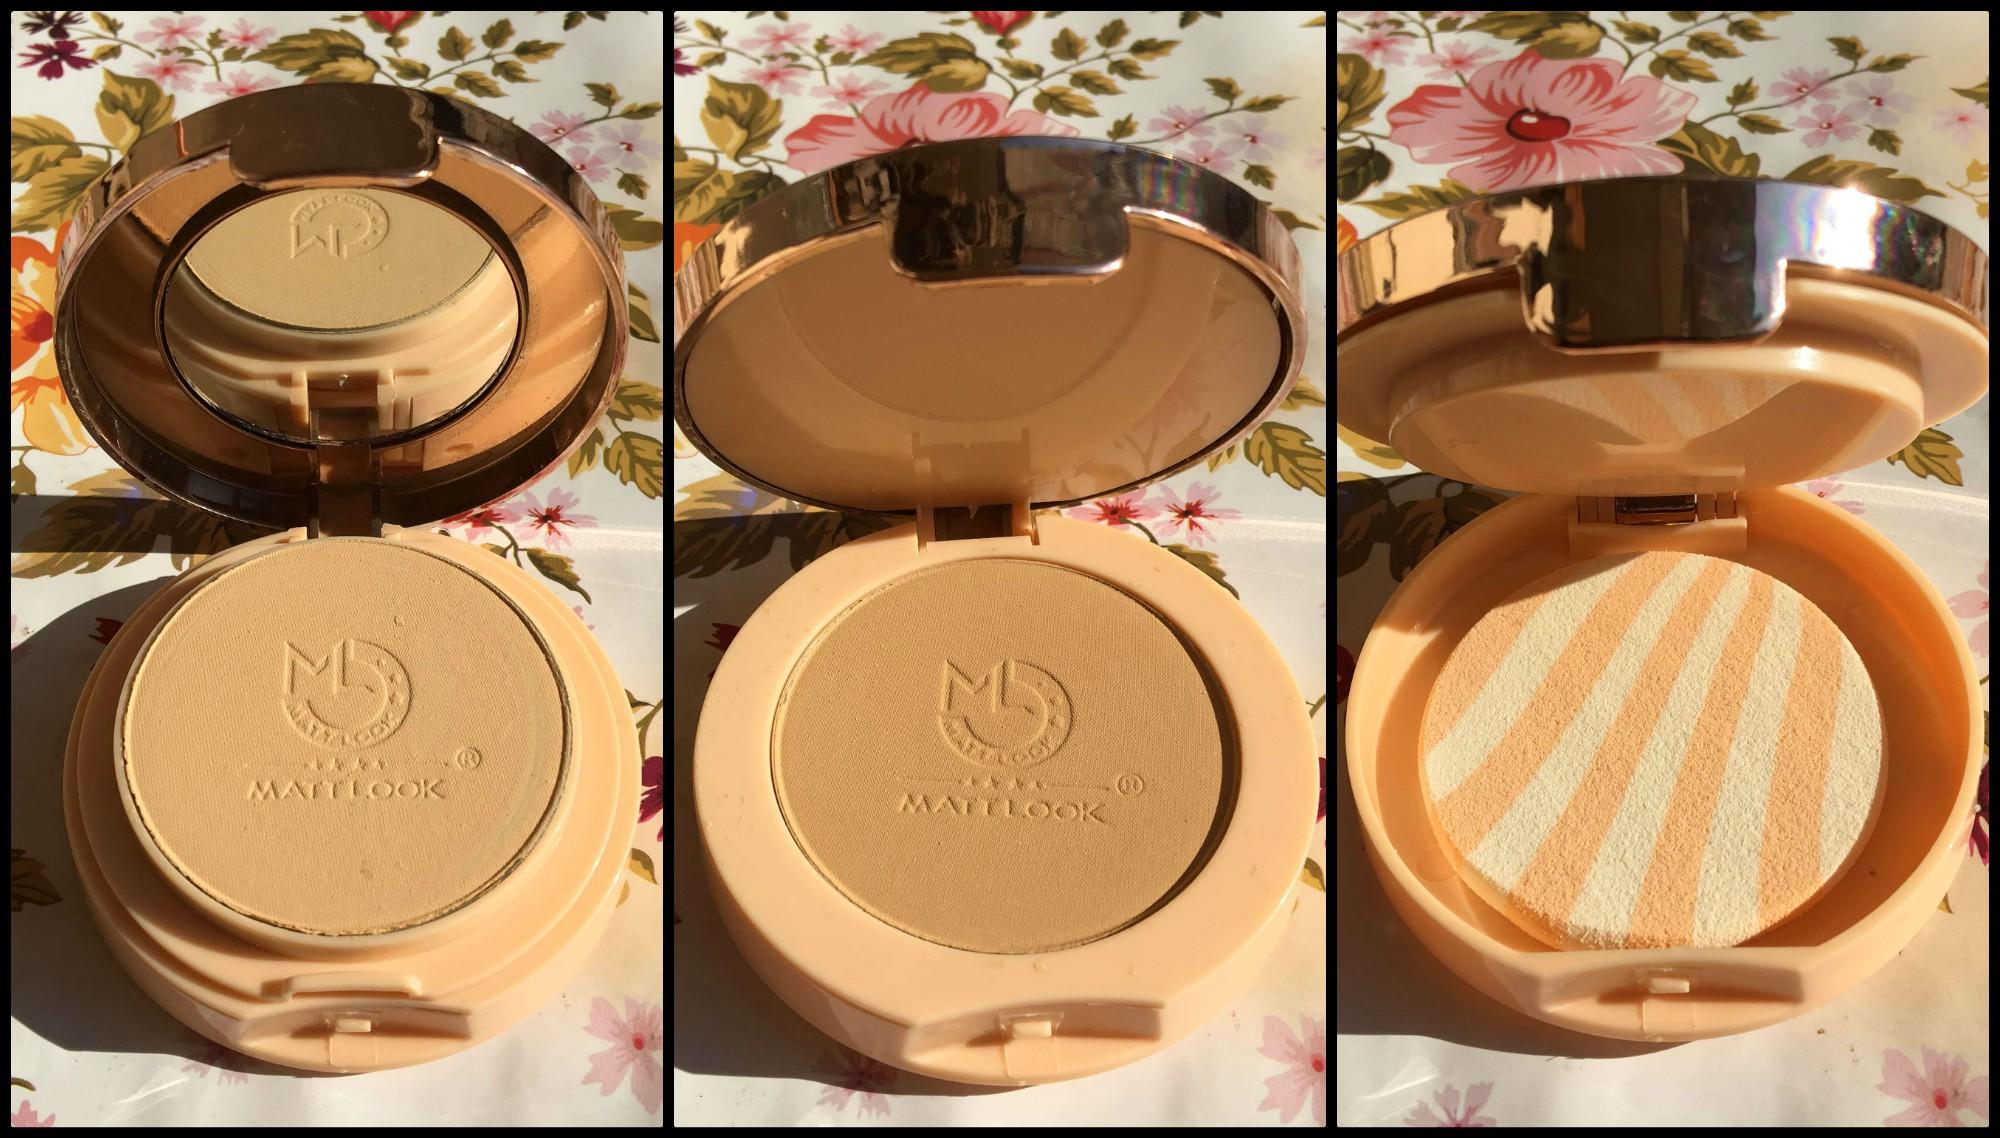 matt look compact powder review 1